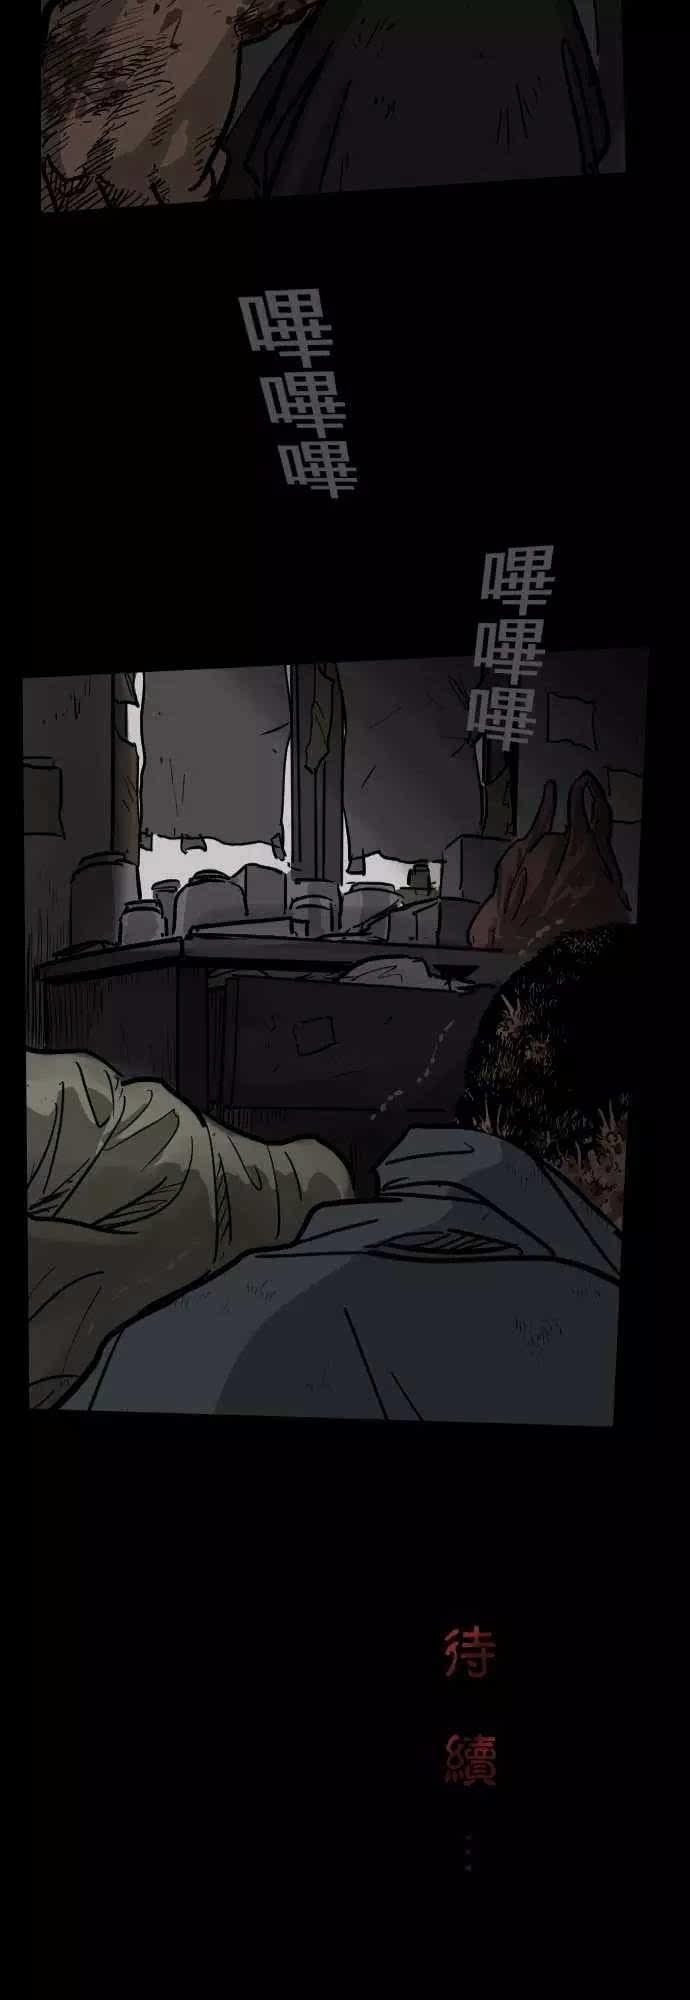 深夜漫画|一切都是你的v漫画!-搜狐楼漫画倌小图片